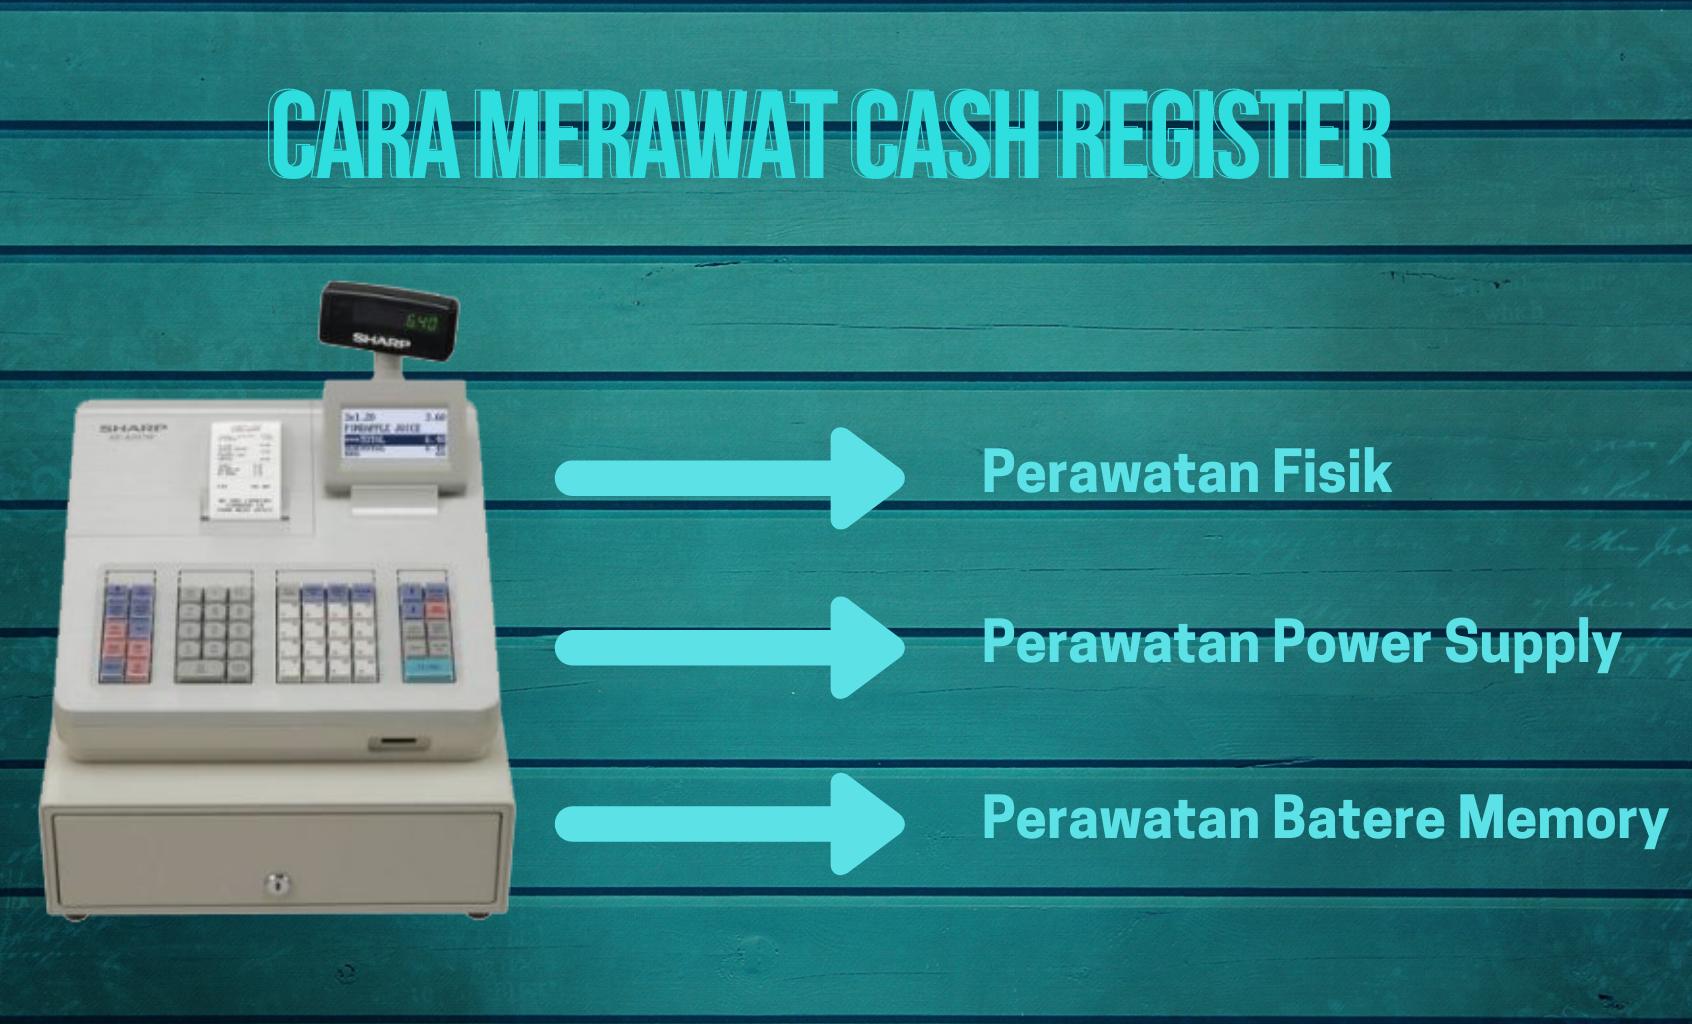 Cara Merawat Cash Register